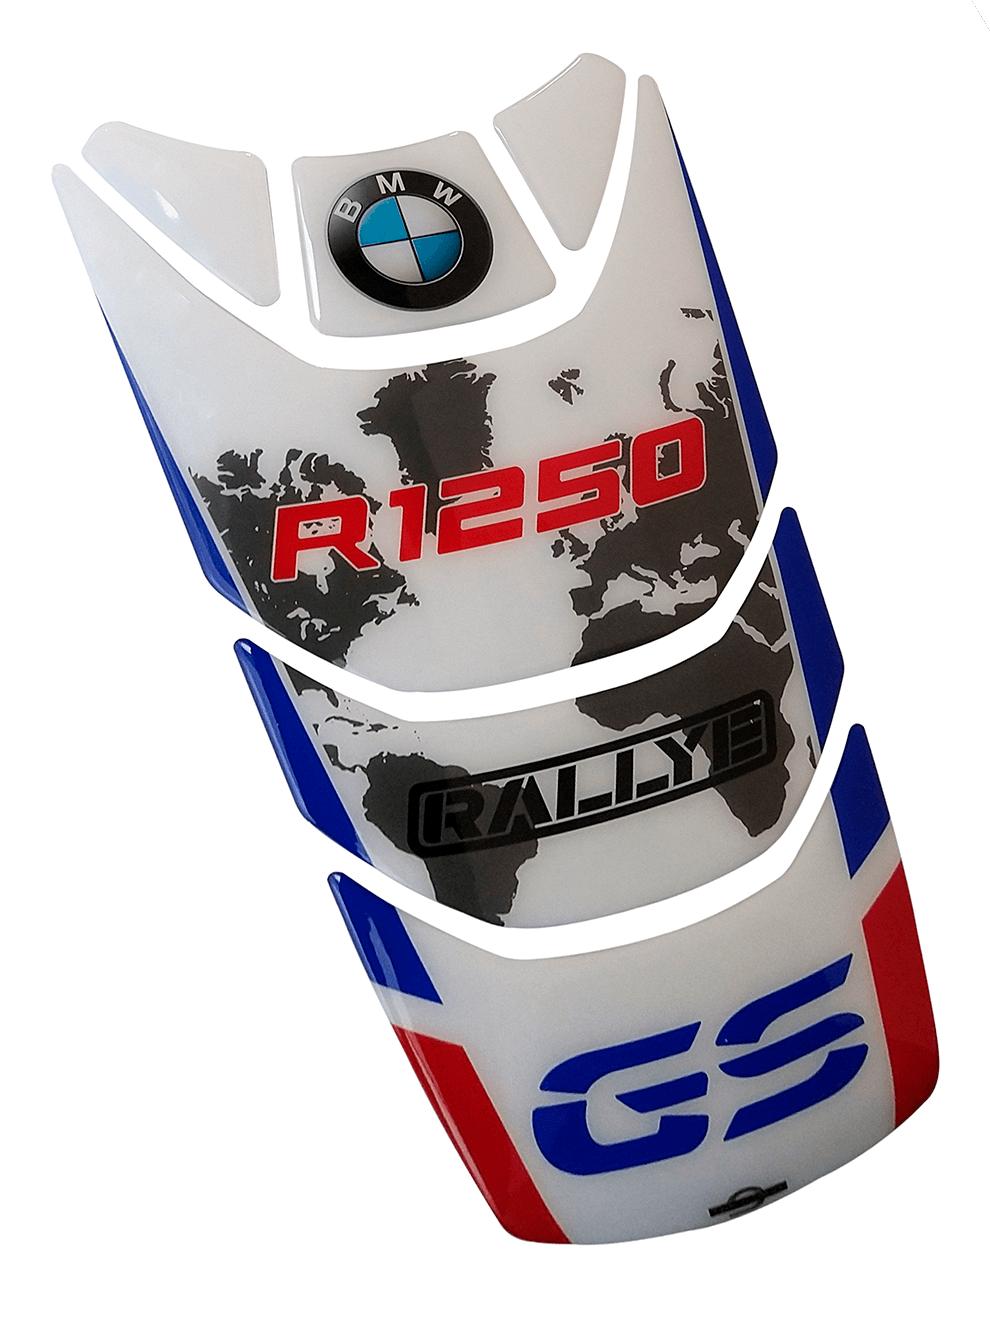 KIT Adesivos Protetor Tanque BMW R1250 GS Adventure Rallye Rosa dos Ventos Vermelho